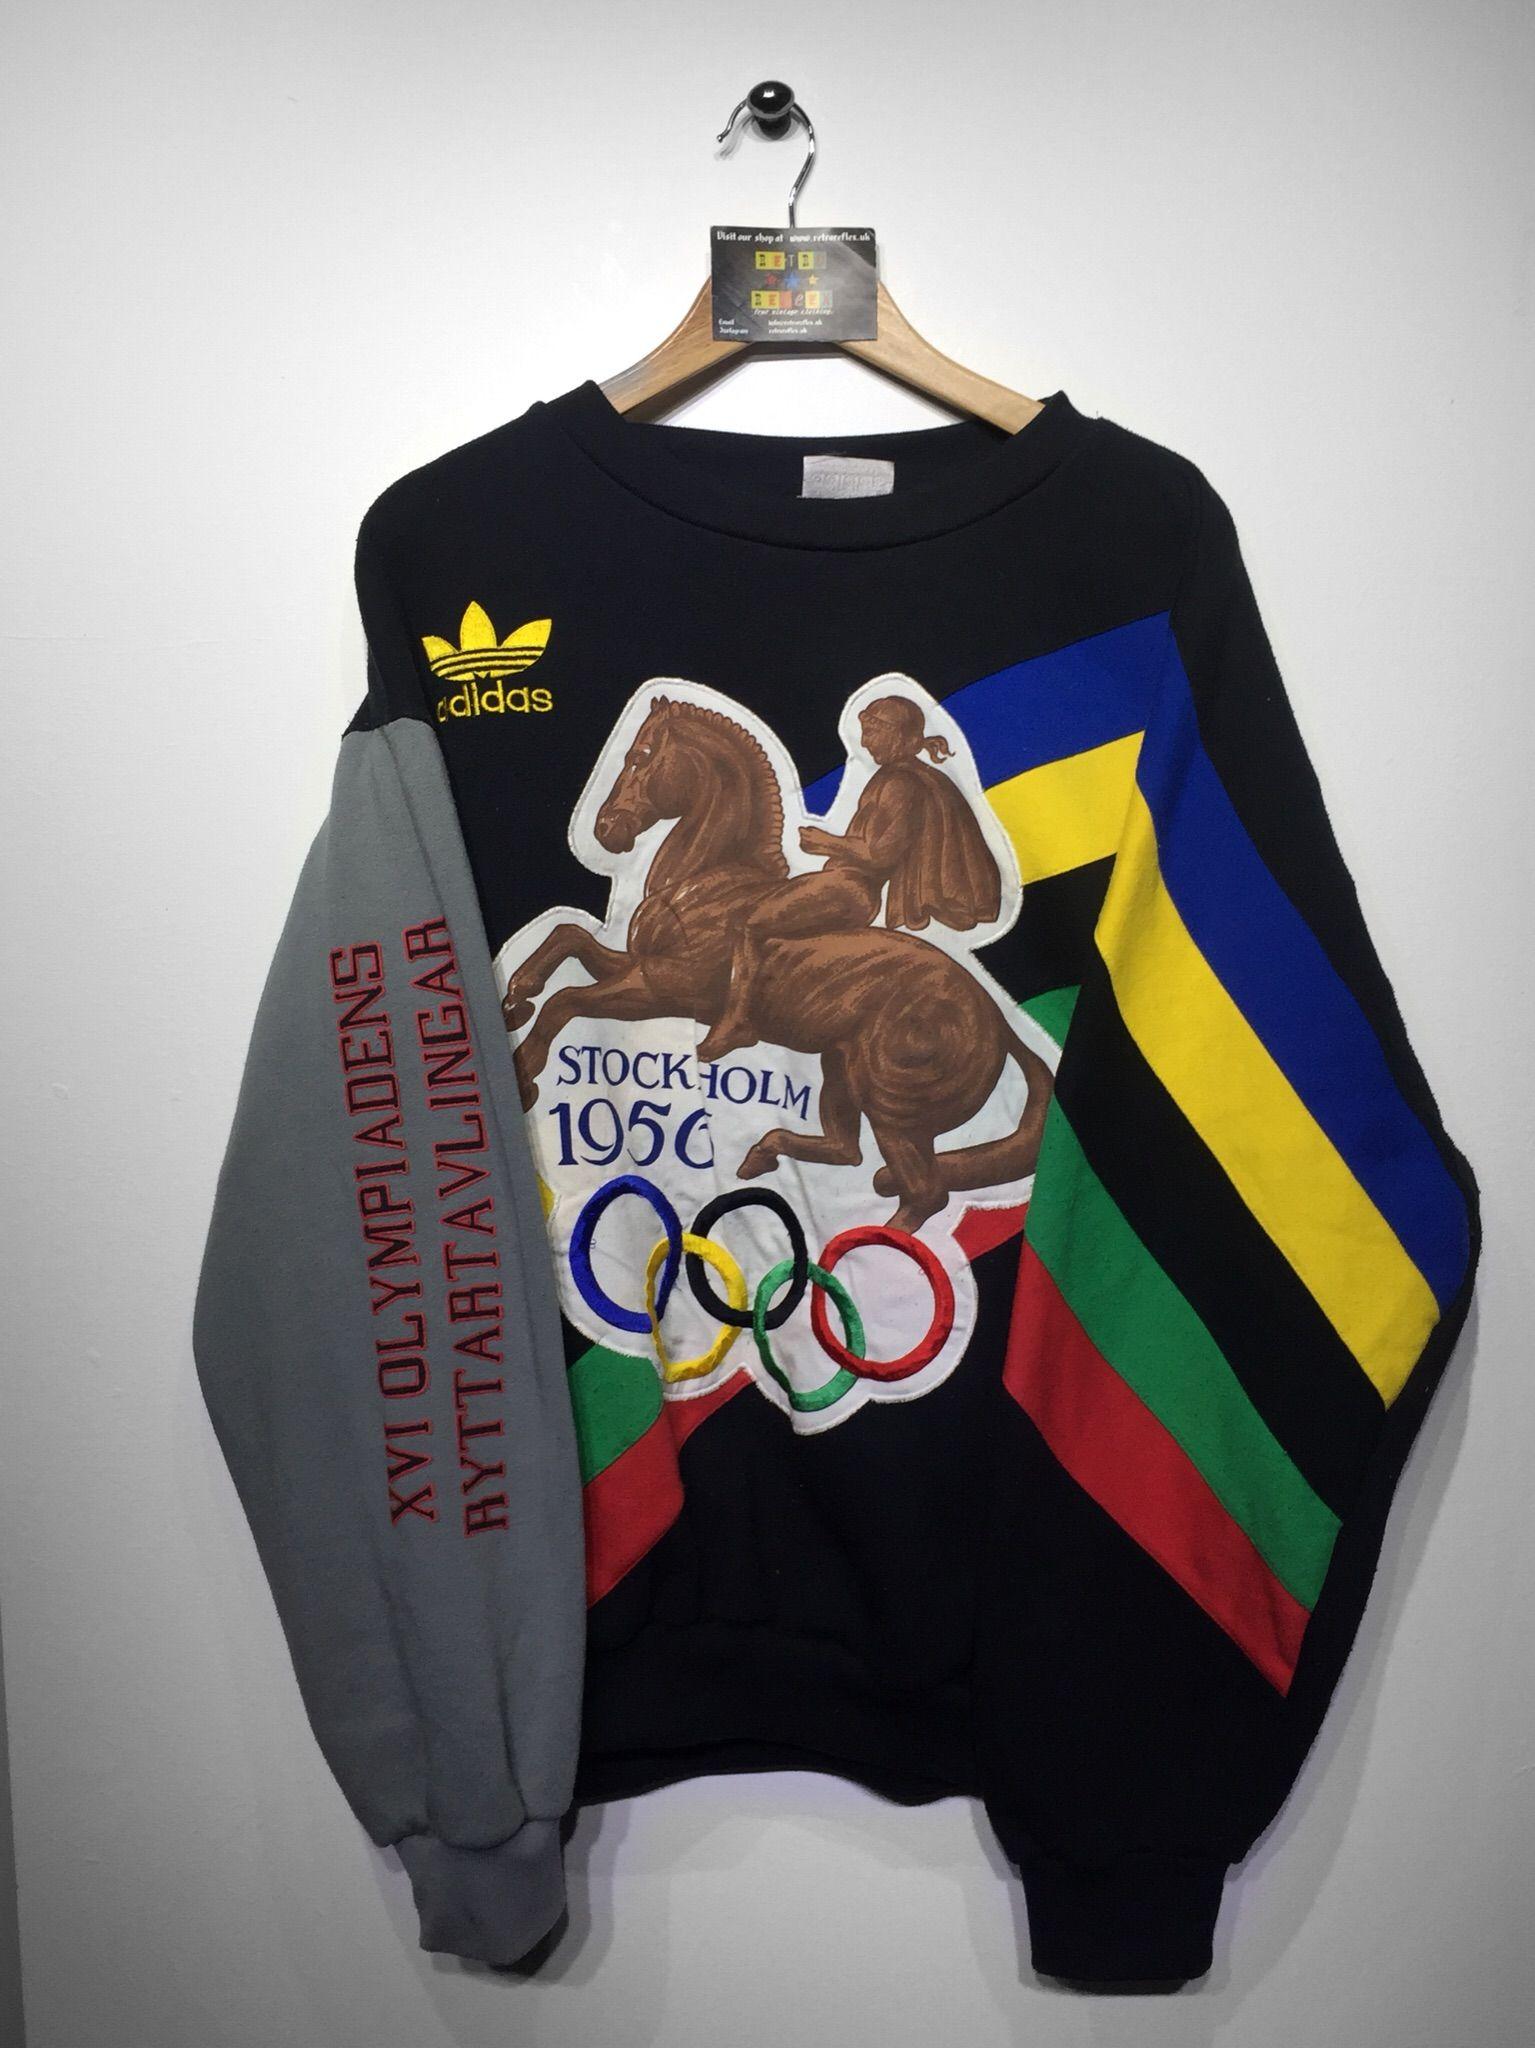 Adidas Stockholm Olympics sweatshirt | Sweatshirts, Vintage